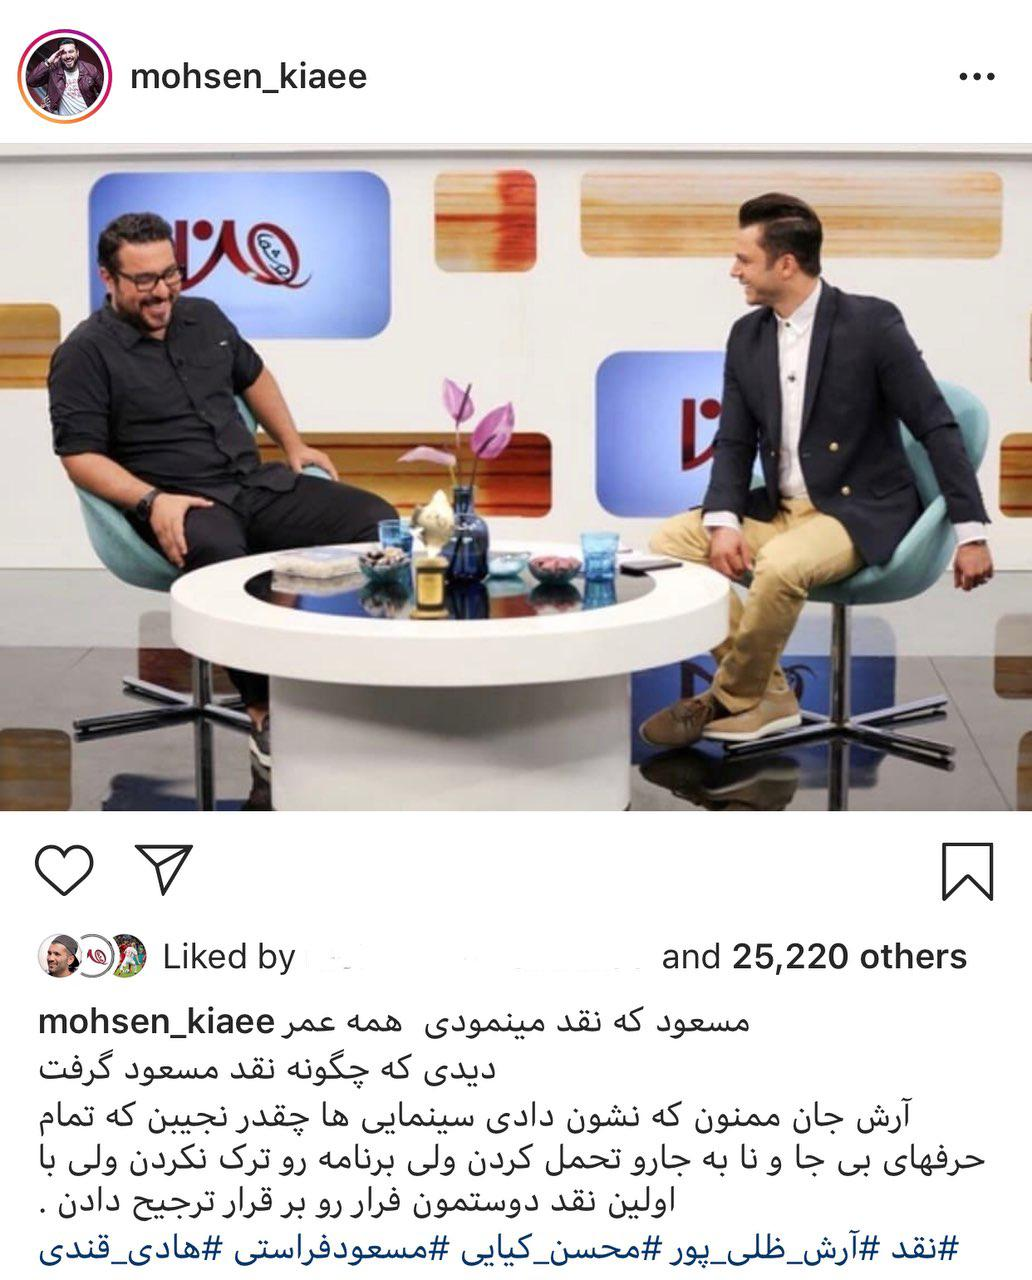 واکنش جالب محسن کیایی به جنجال ظلی پور و فراستی +عکس